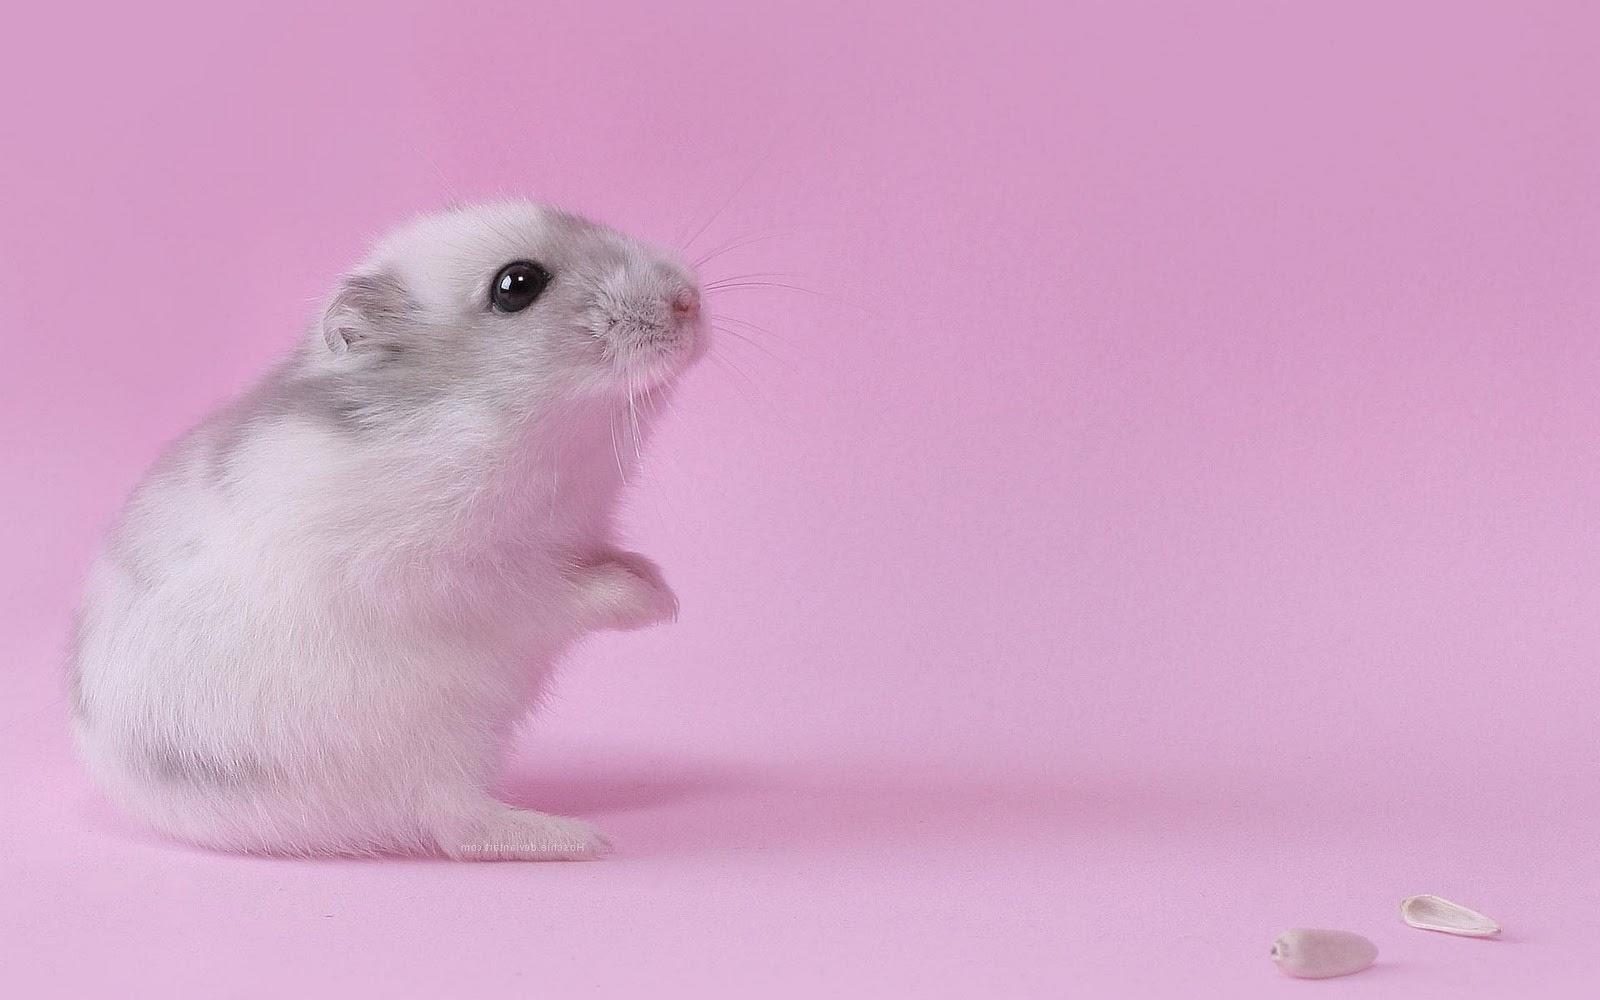 Hamsters achtergronden dieren hd hamster wallpapers foto 1jpg 1600x1000